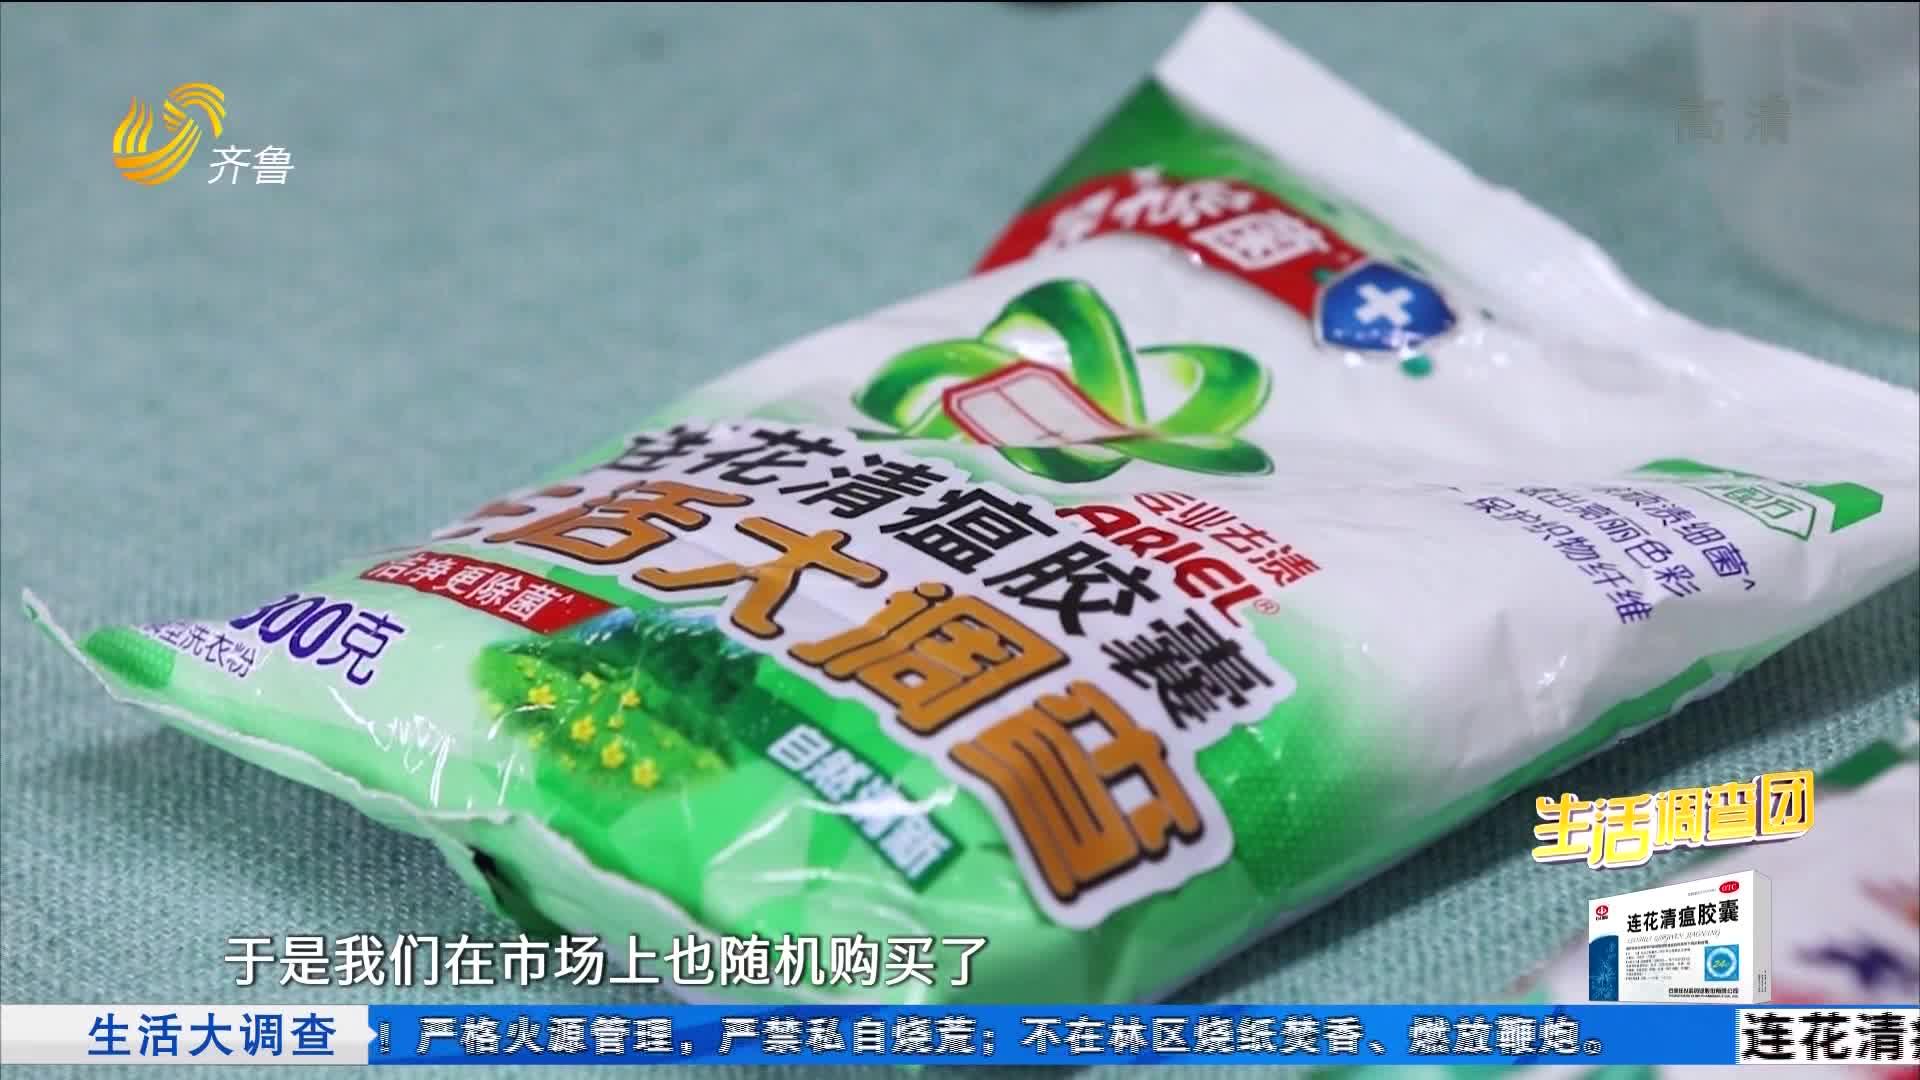 2021年02月28日《生活大调查》:含荧光剂的洗衣液会致癌?